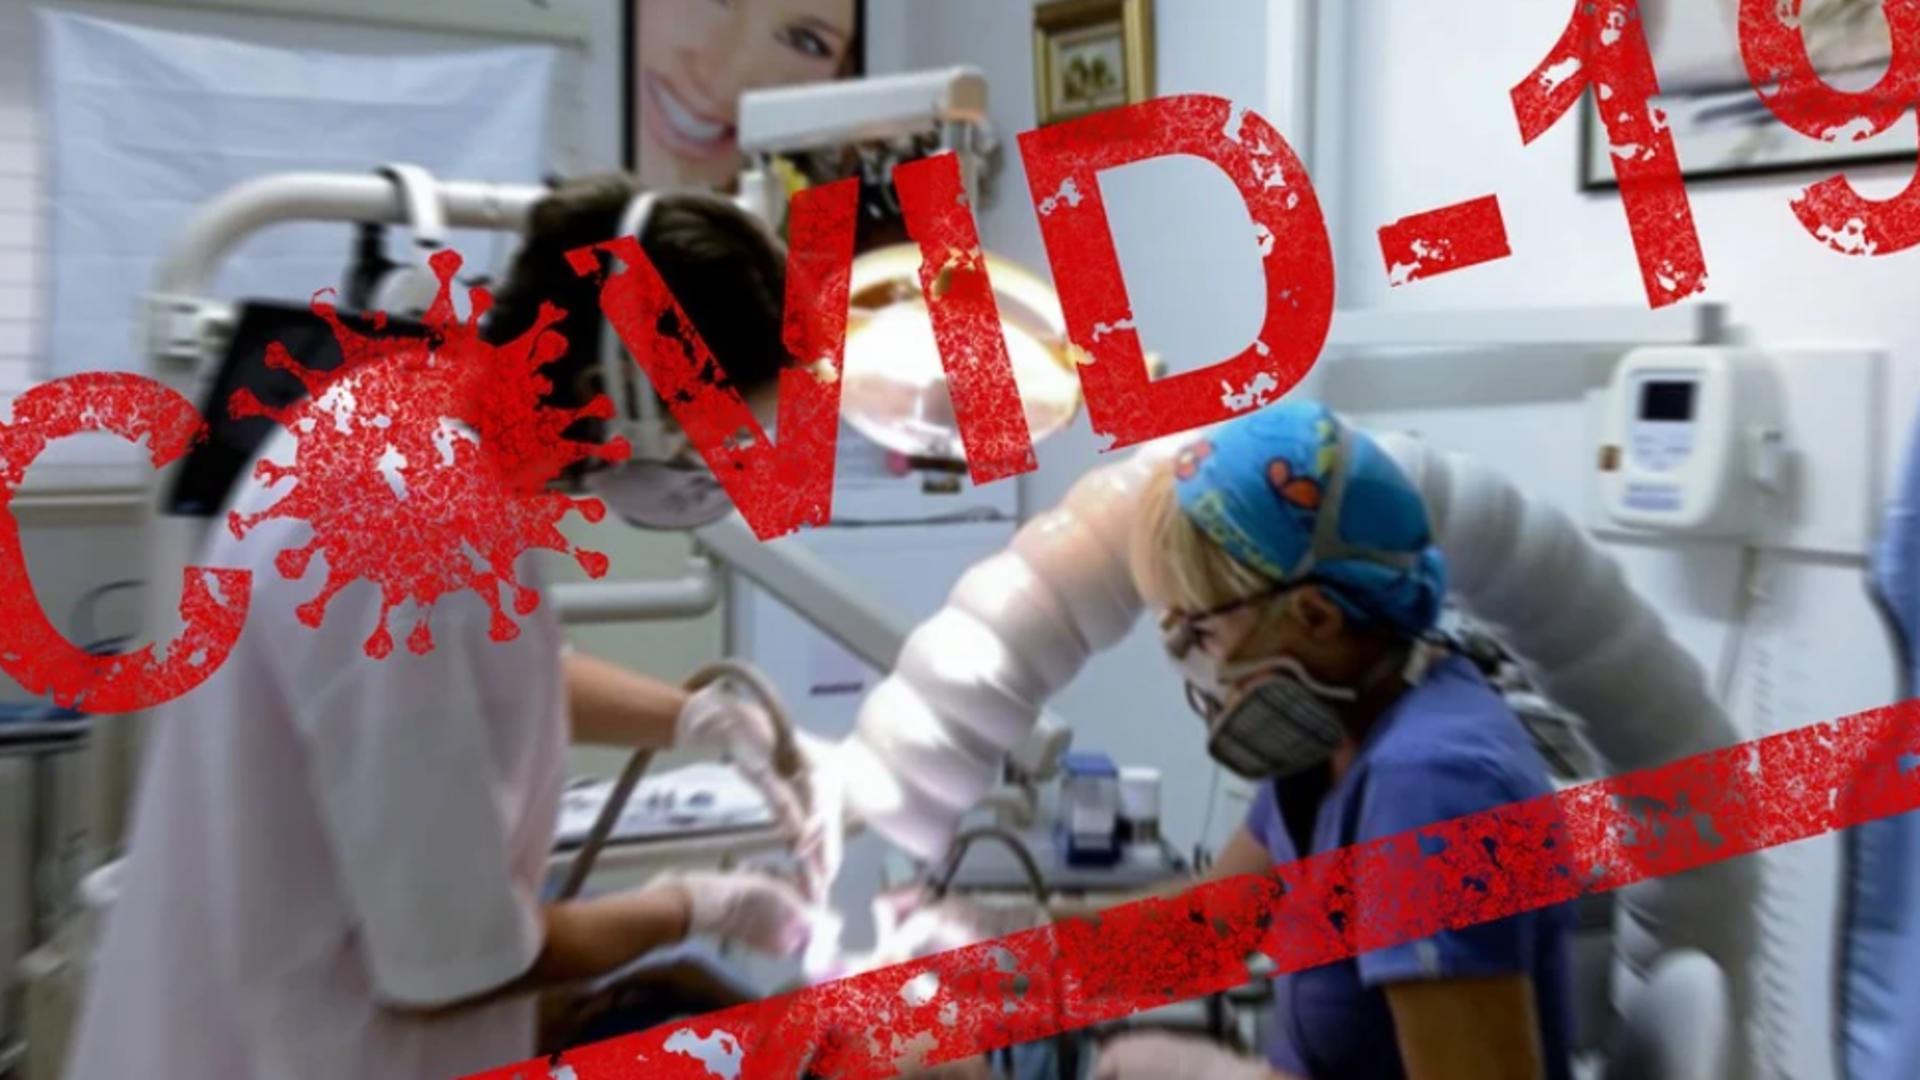 Români cu certificate FALSE de vaccinare anti-COVID-19, în stare GRAVĂ la spital, în Timișoara - Apelul medicilor